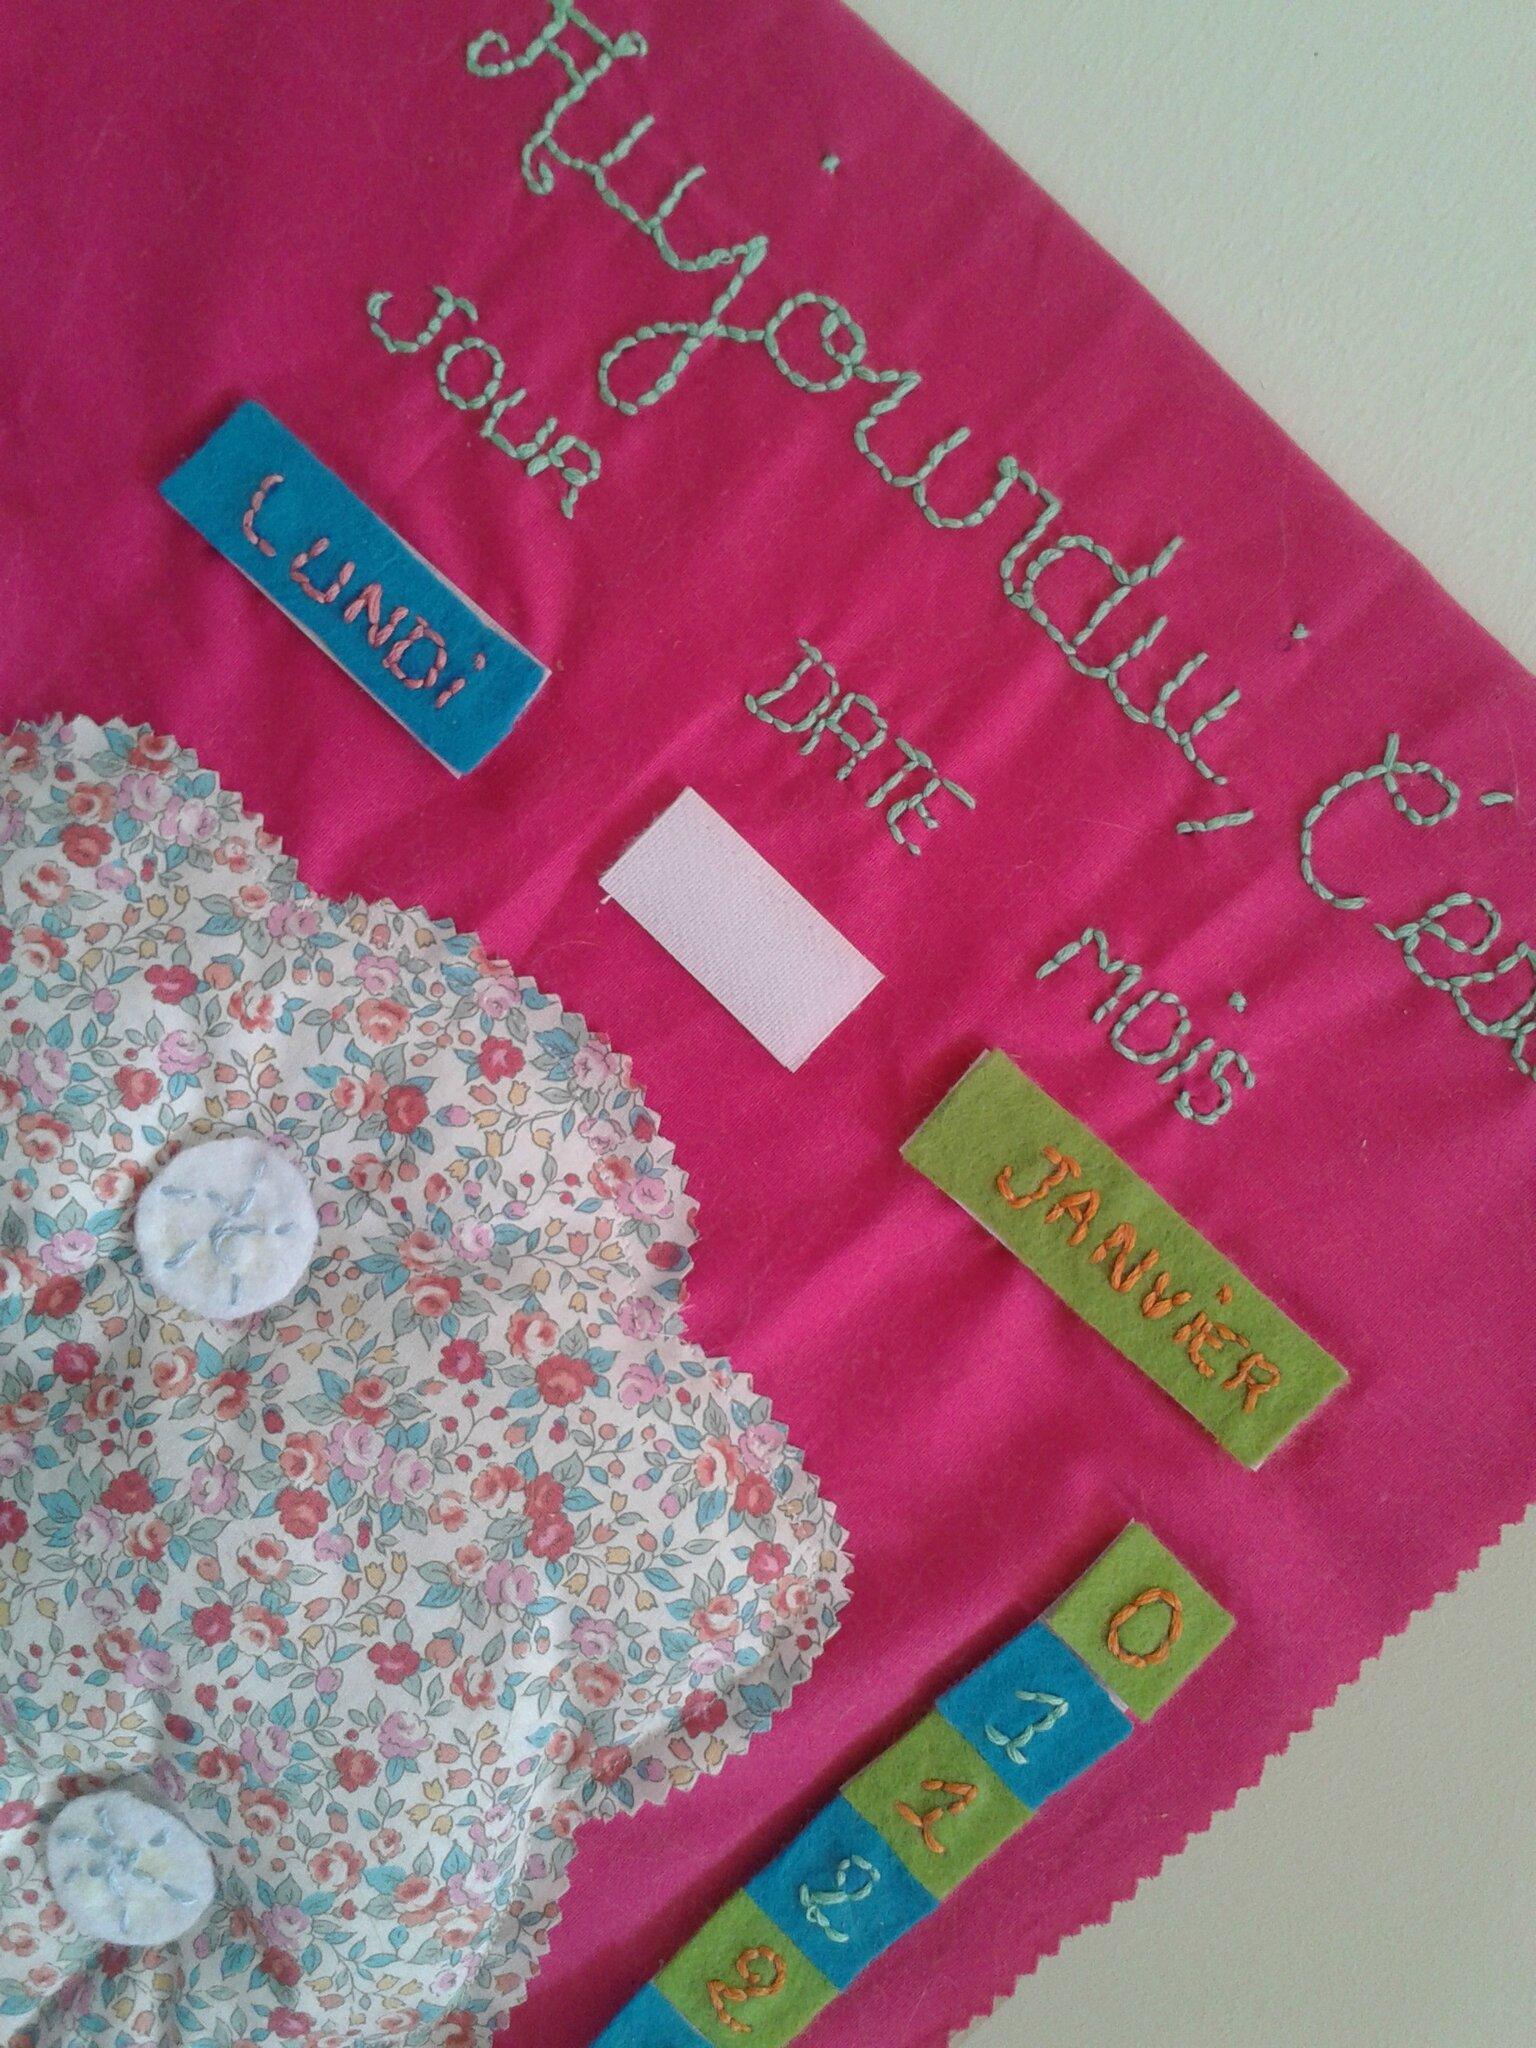 Calendrier Tissu Educatif.Calendrier Educatif En Tissu Pour Enfant Le Blog De